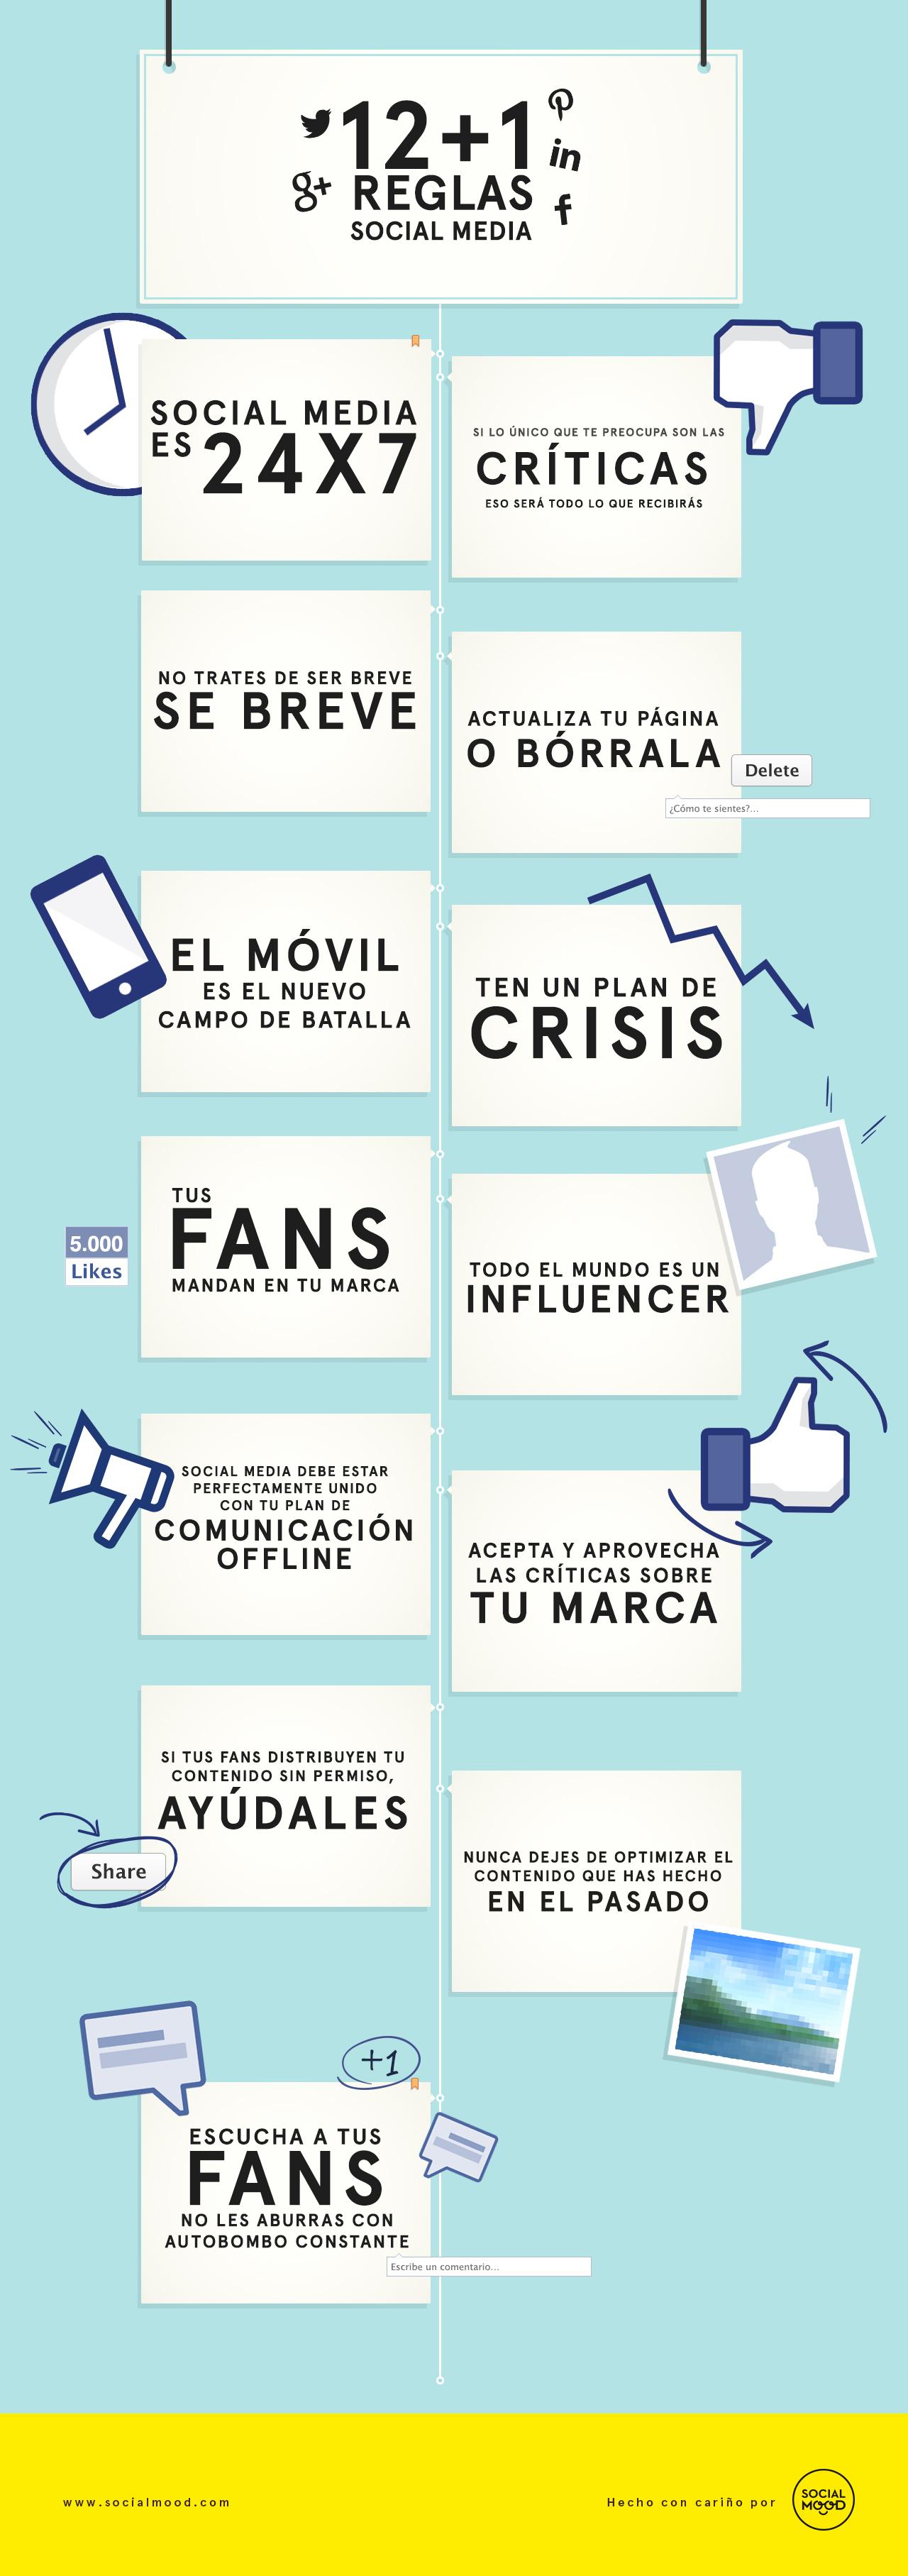 INFOGRAFÍA: 12+1 REGLAS DE SOCIAL MEDIA